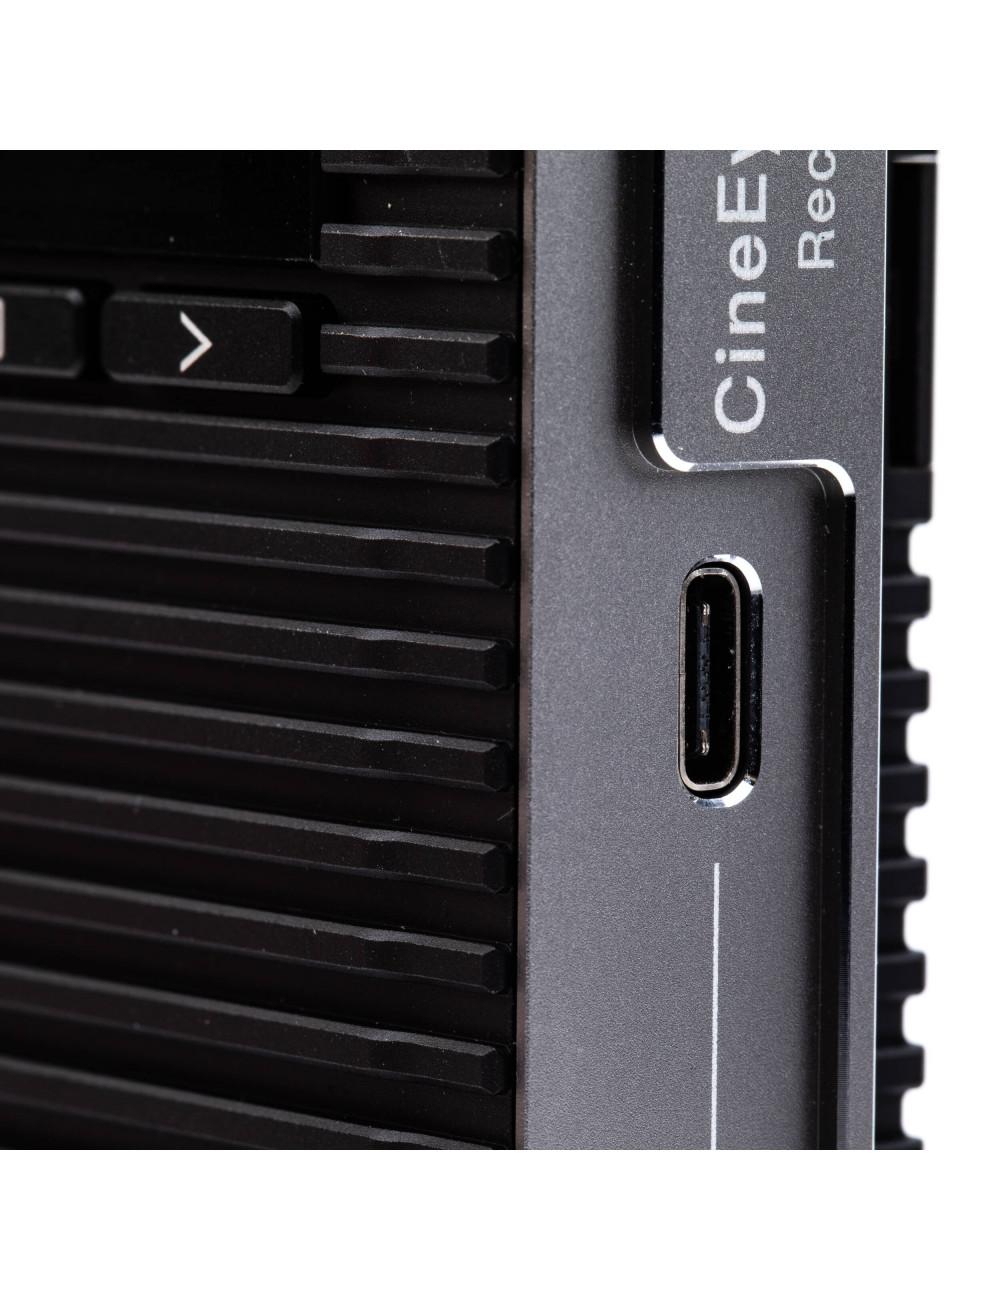 Anillo adaptador para soporte de filtros cuadrados 72mm Fancier